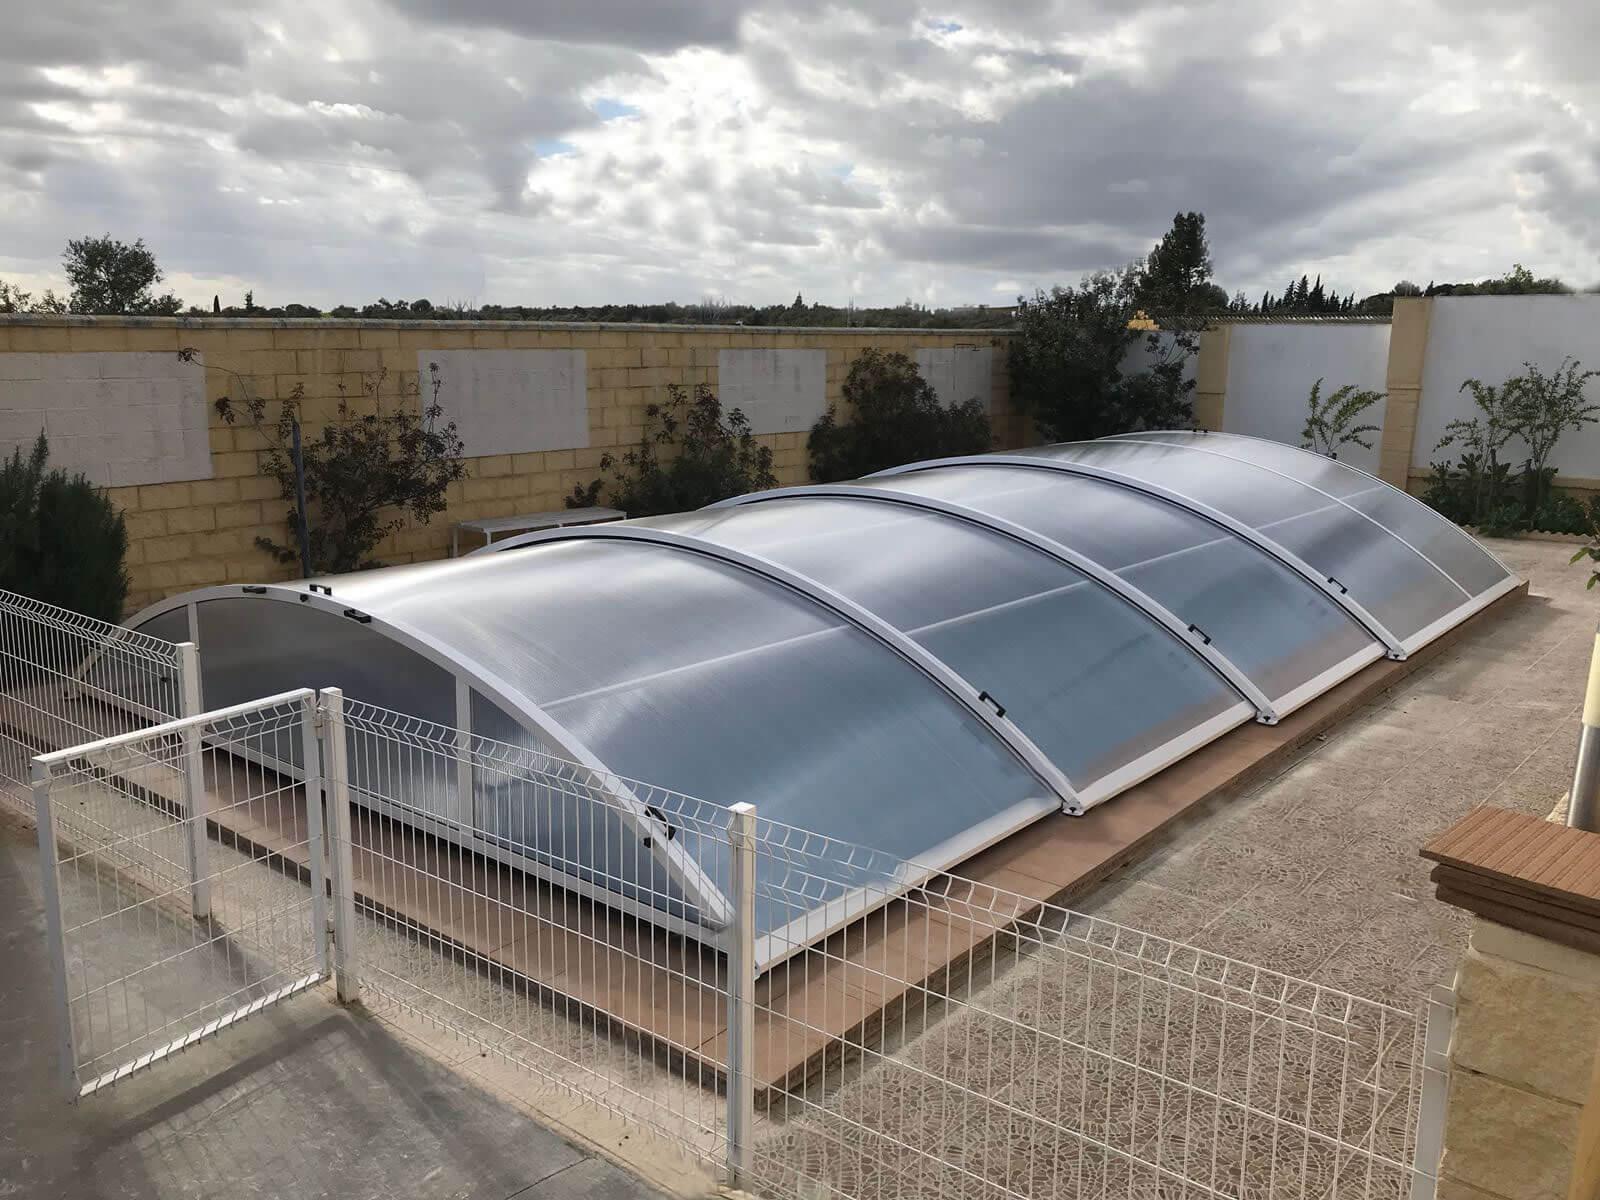 Cubierta Teide: Cubierta baja y telescópica para piscina en Sevilla exterior